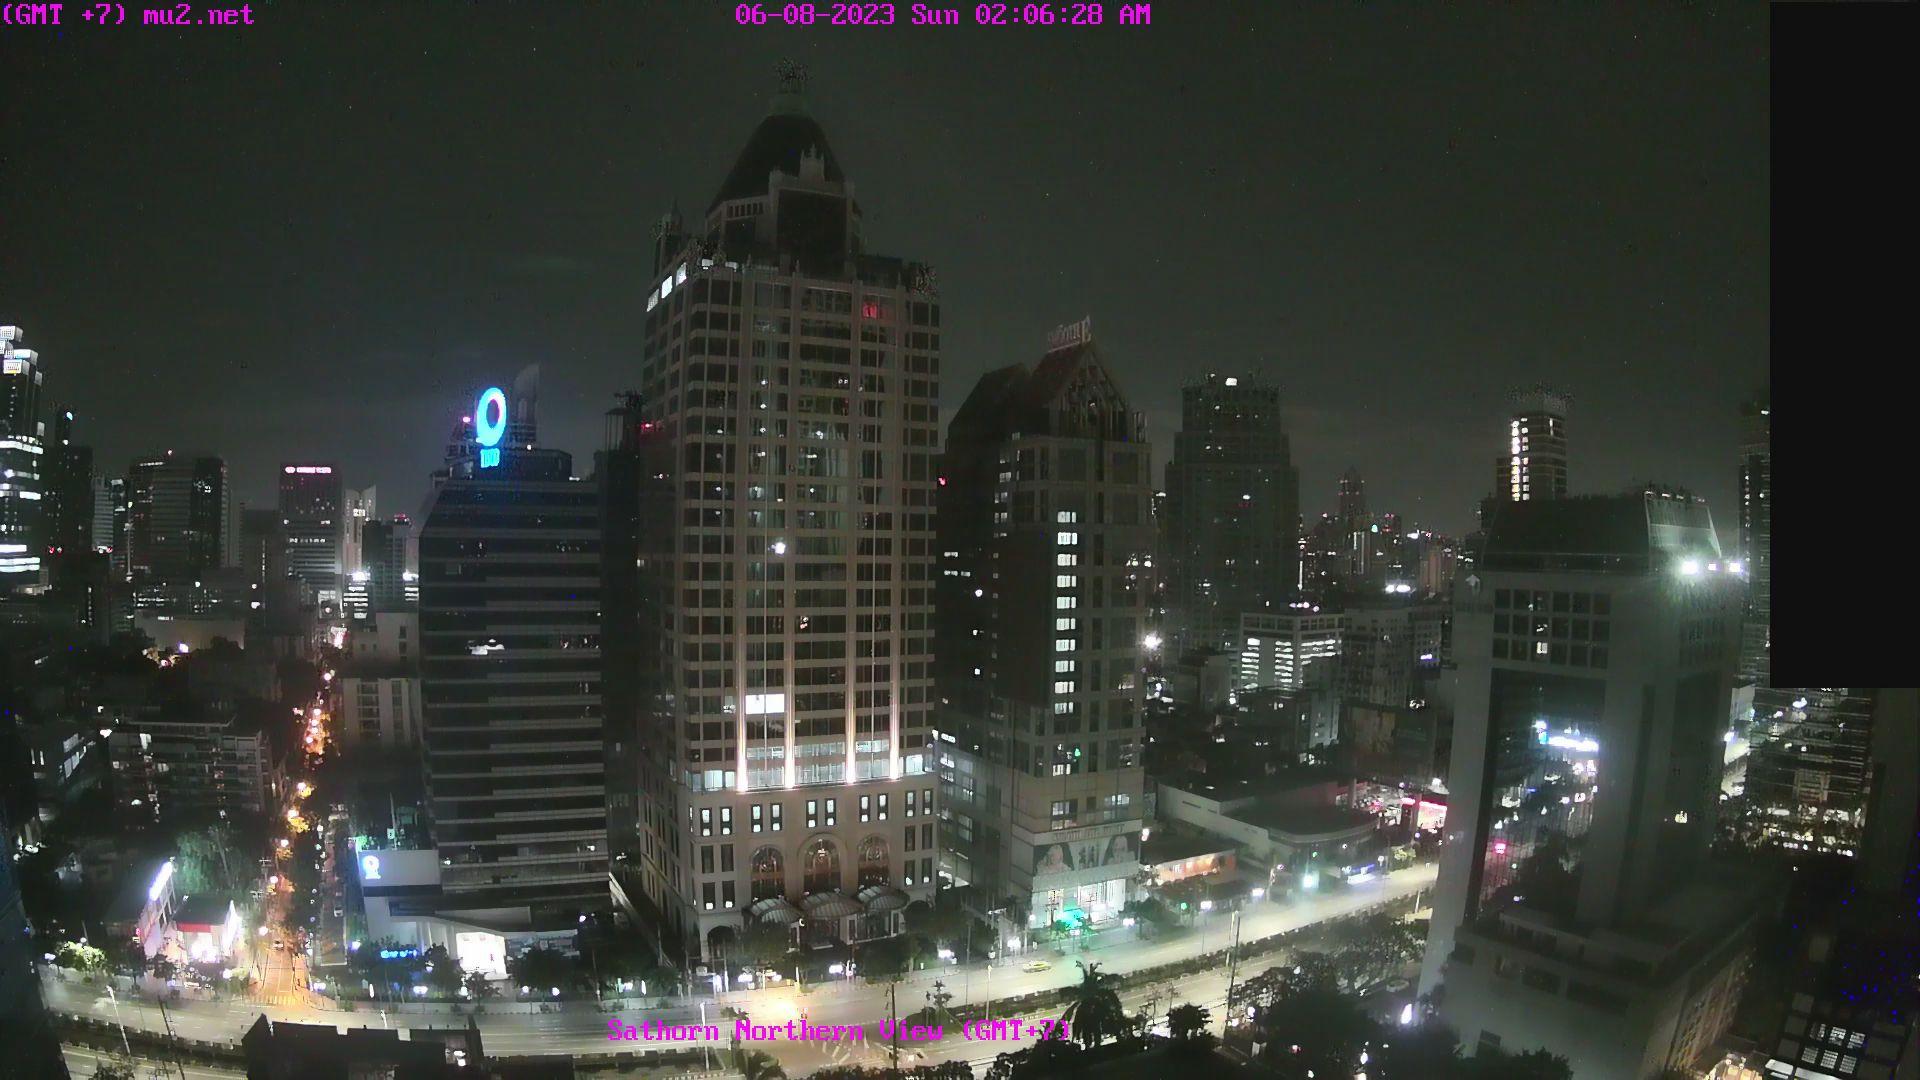 Bangkok So. 02:19